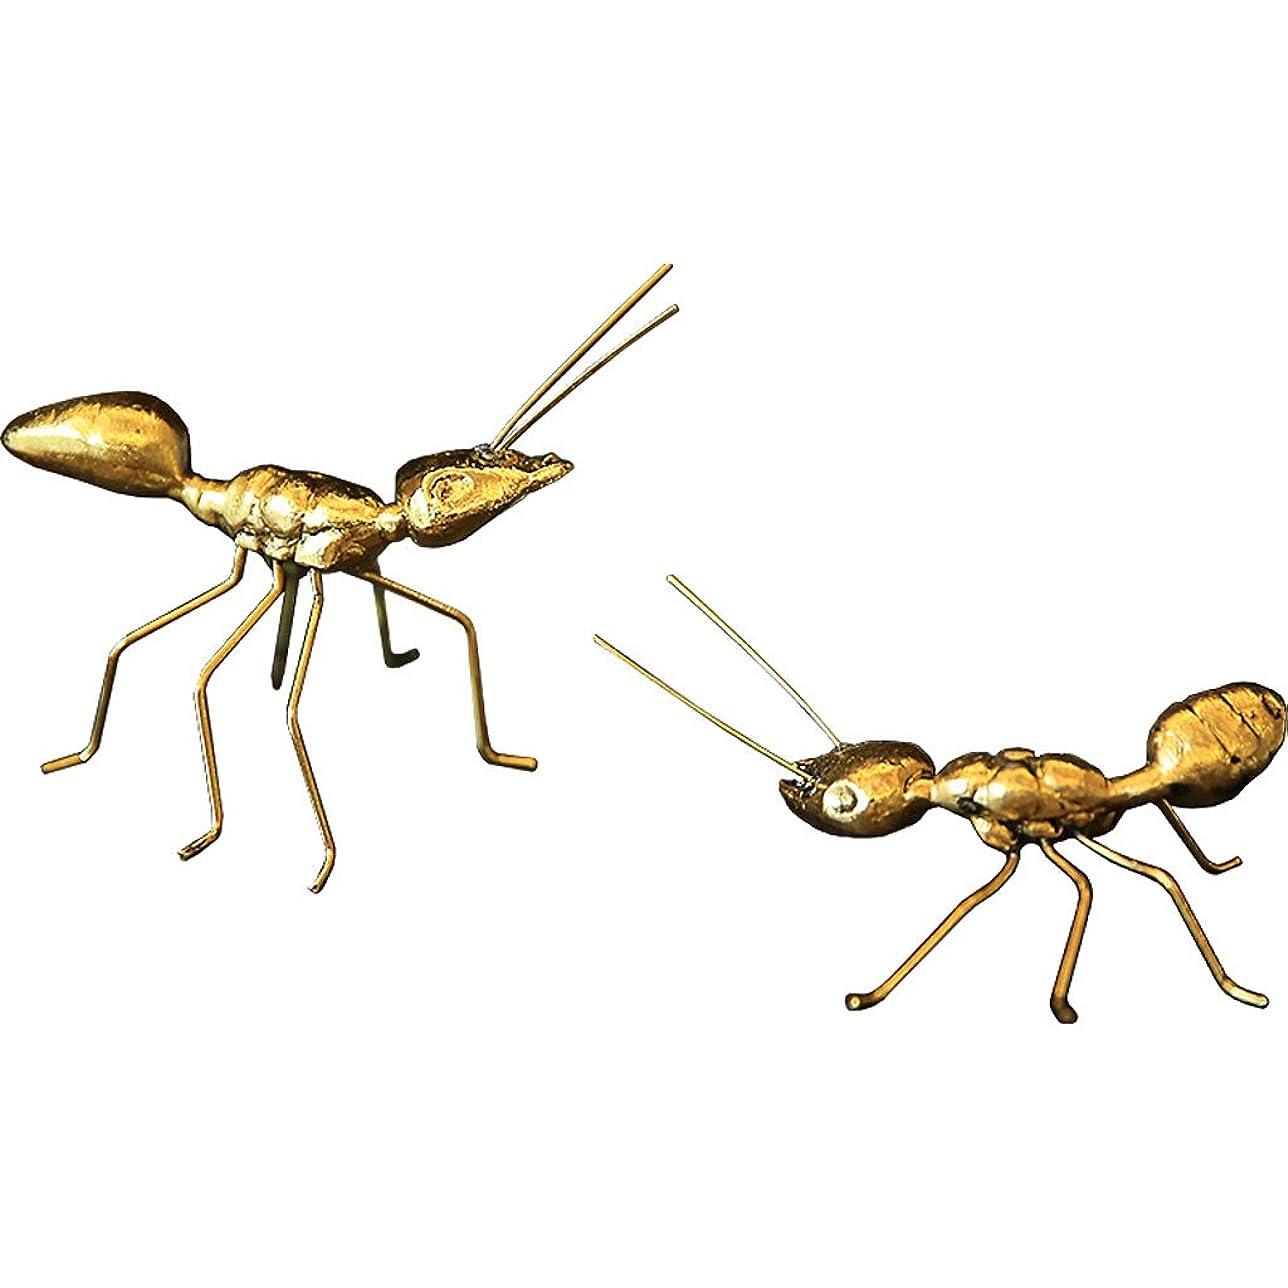 規定執着の間でGWM 現代の創造的な蟻の装飾のモデルの家の居間の研究銅の装飾のデスクトップの小さな装飾品